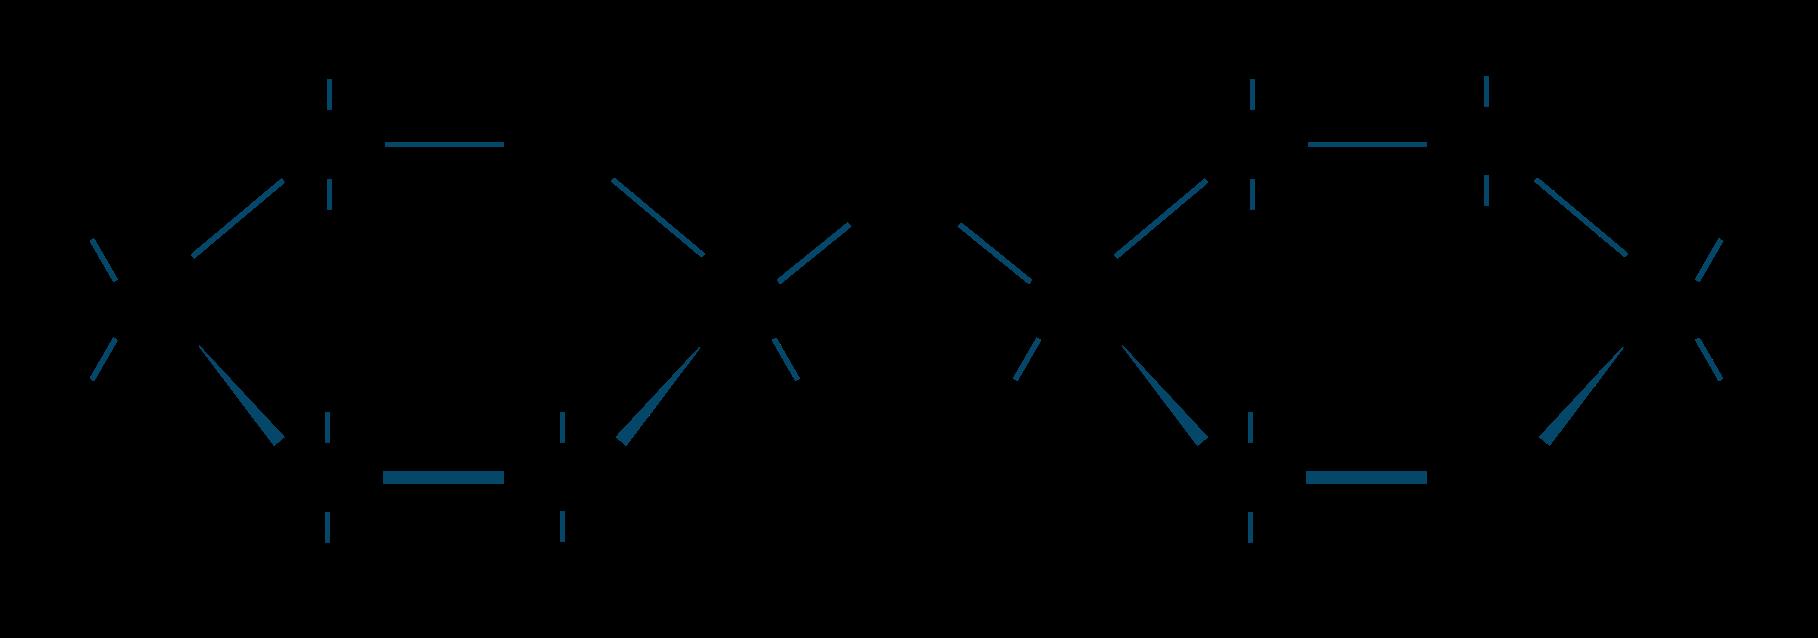 セロビオース構造式